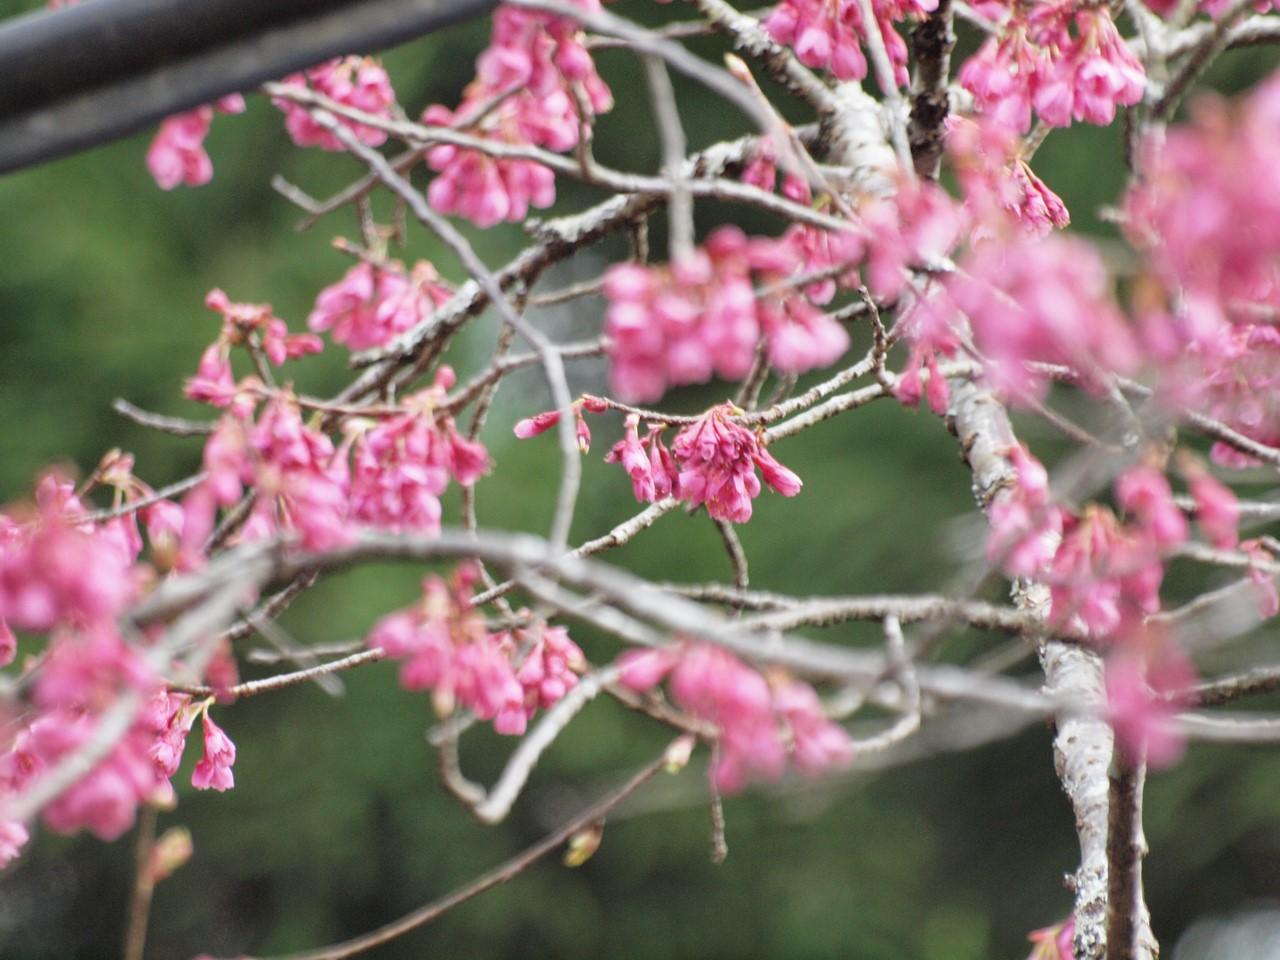 『寺尾ヶ原千本桜公園を歩いて』_d0054276_2122592.jpg